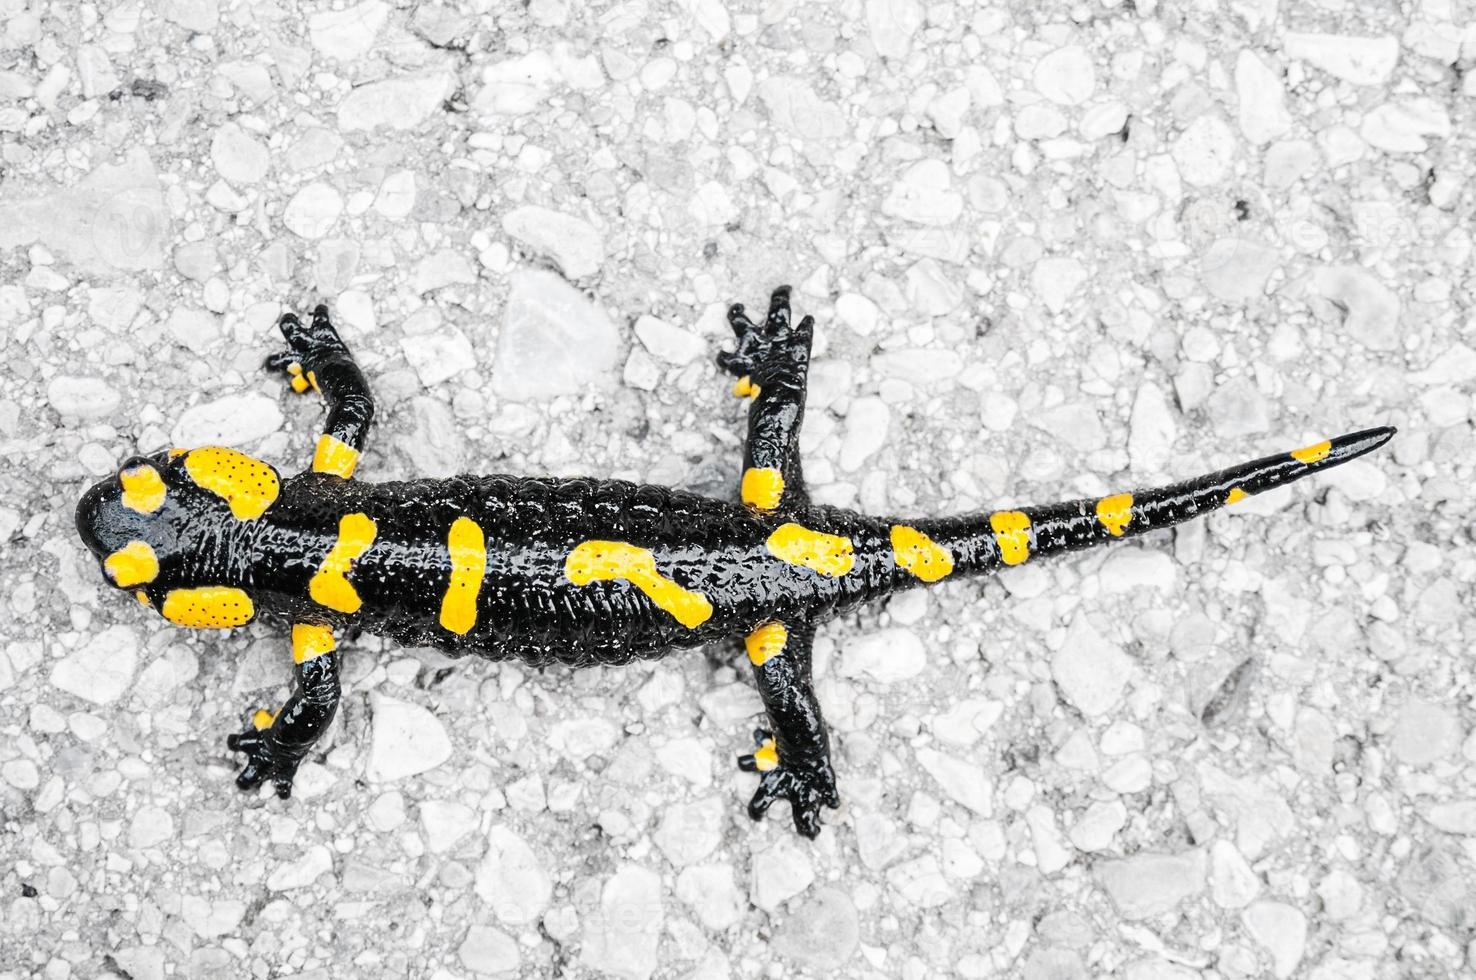 zwart geel gevlekte vuursalamander foto